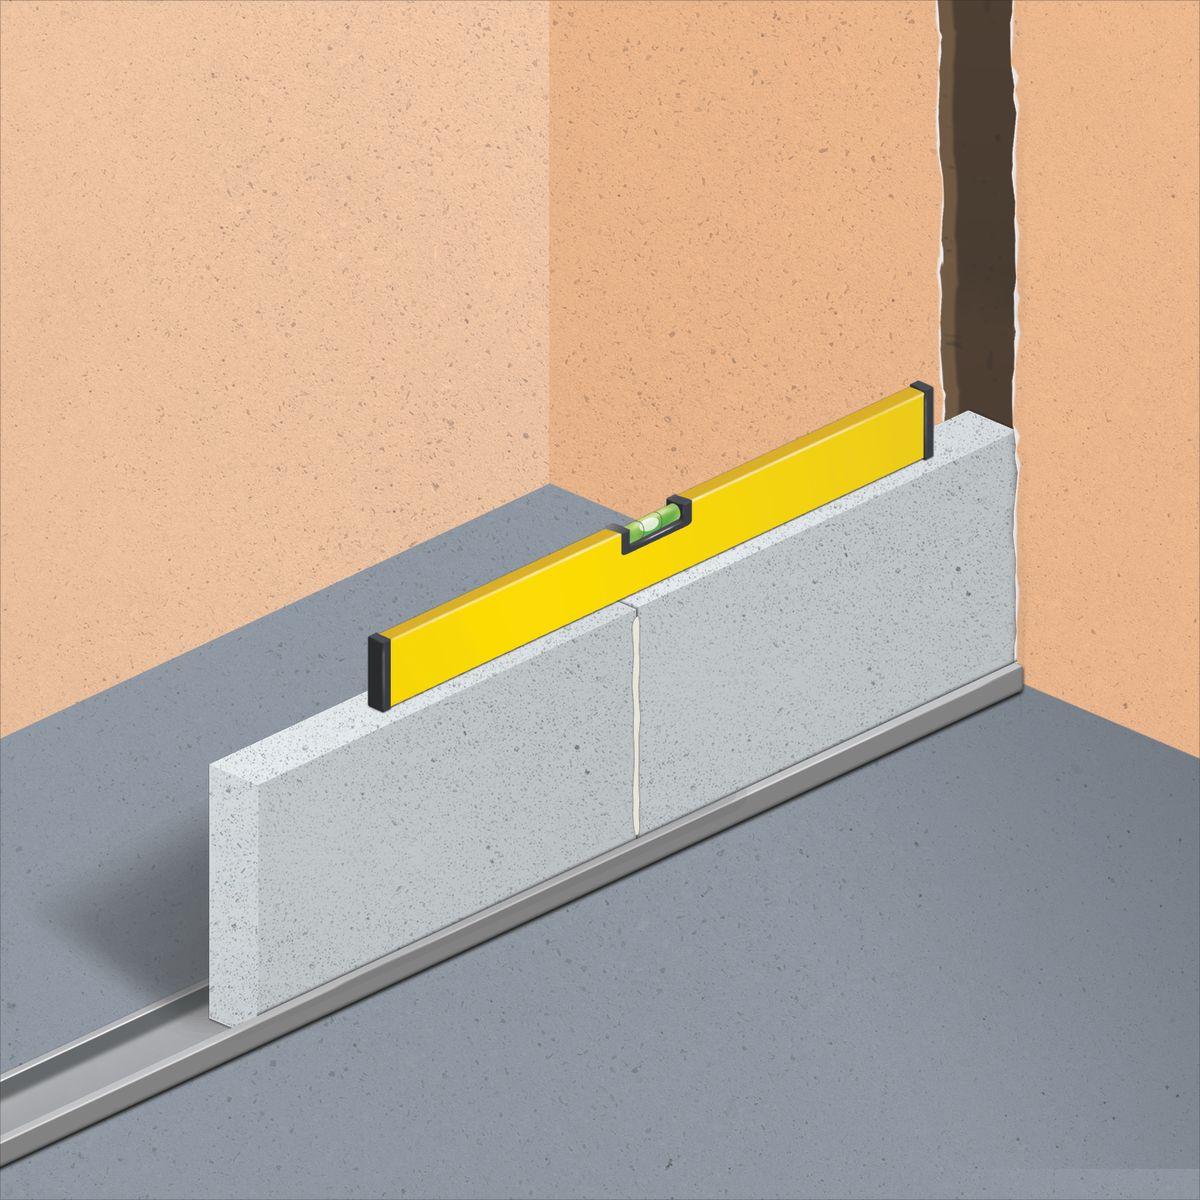 Come fare una parete divisoria isolmant di una in - Costruire una parete divisoria ...